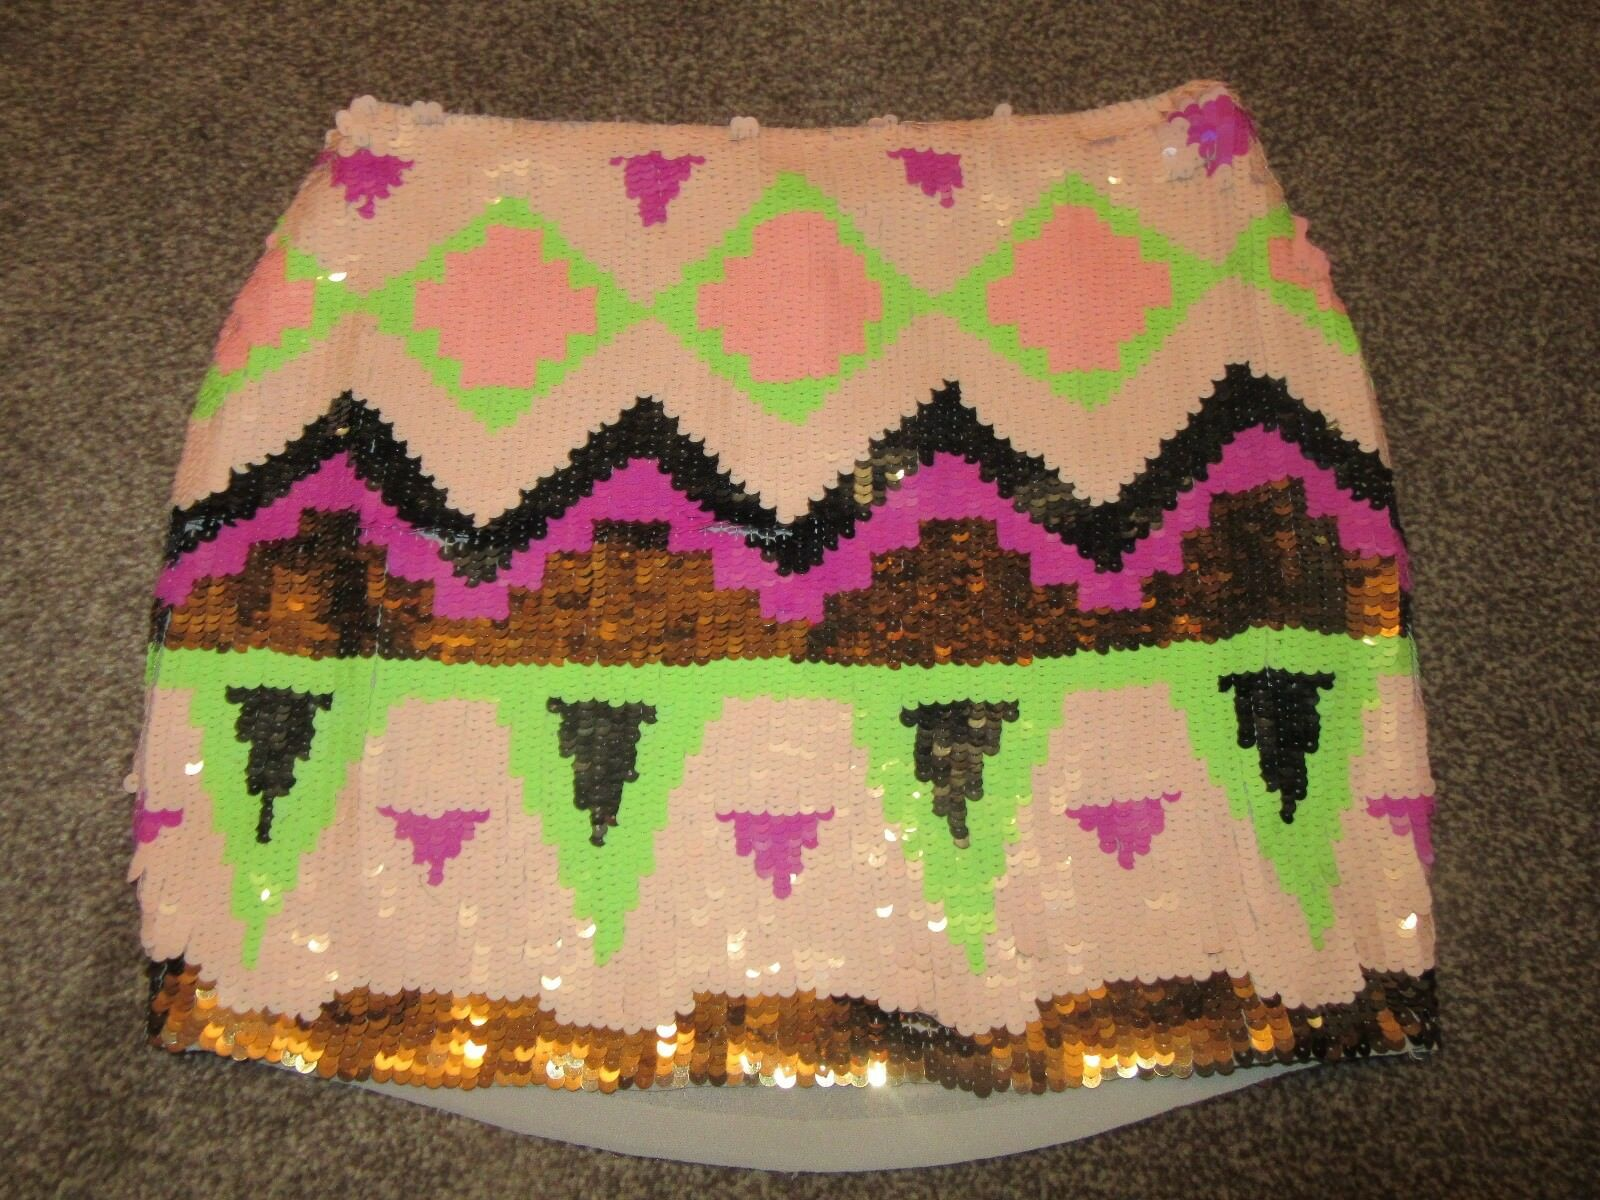 BNWT  Lipsy Mini Skirt Full Sequin Aztec Tribal Multi Coloured Dressy